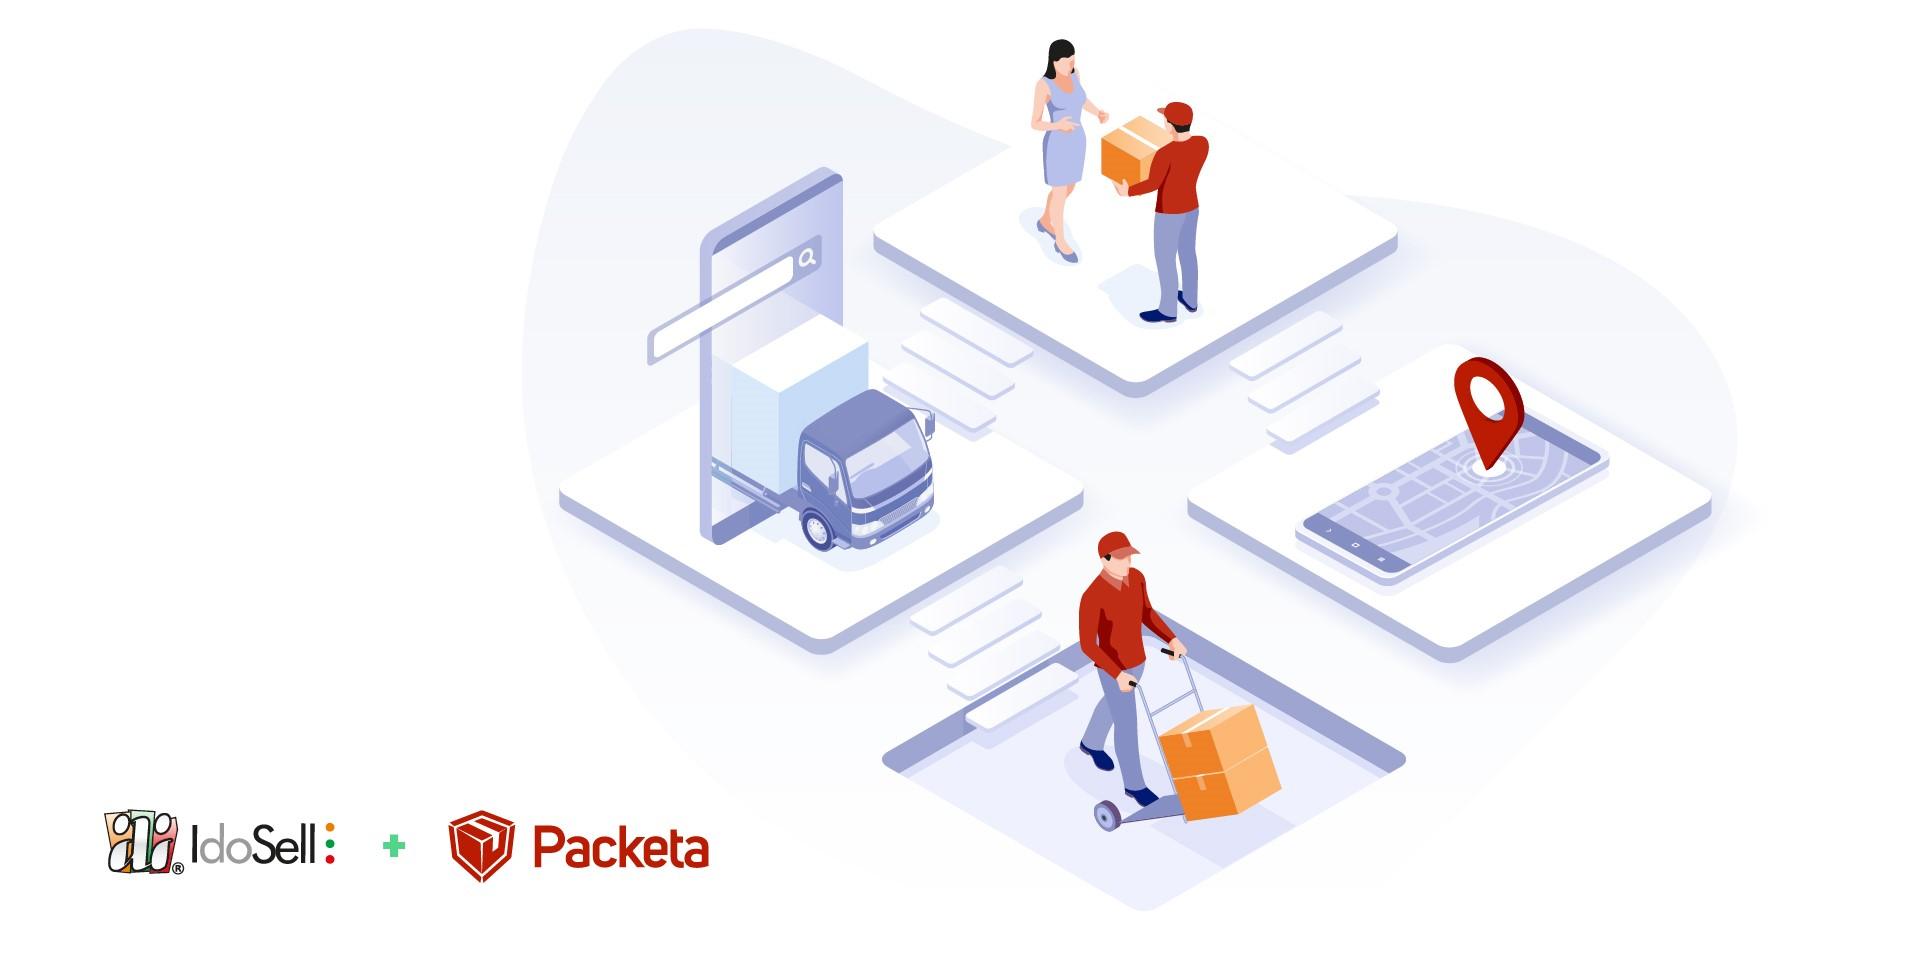 IdoSell i Packeta pomogą wyjść sprzedawcom na zagraniczne rynki